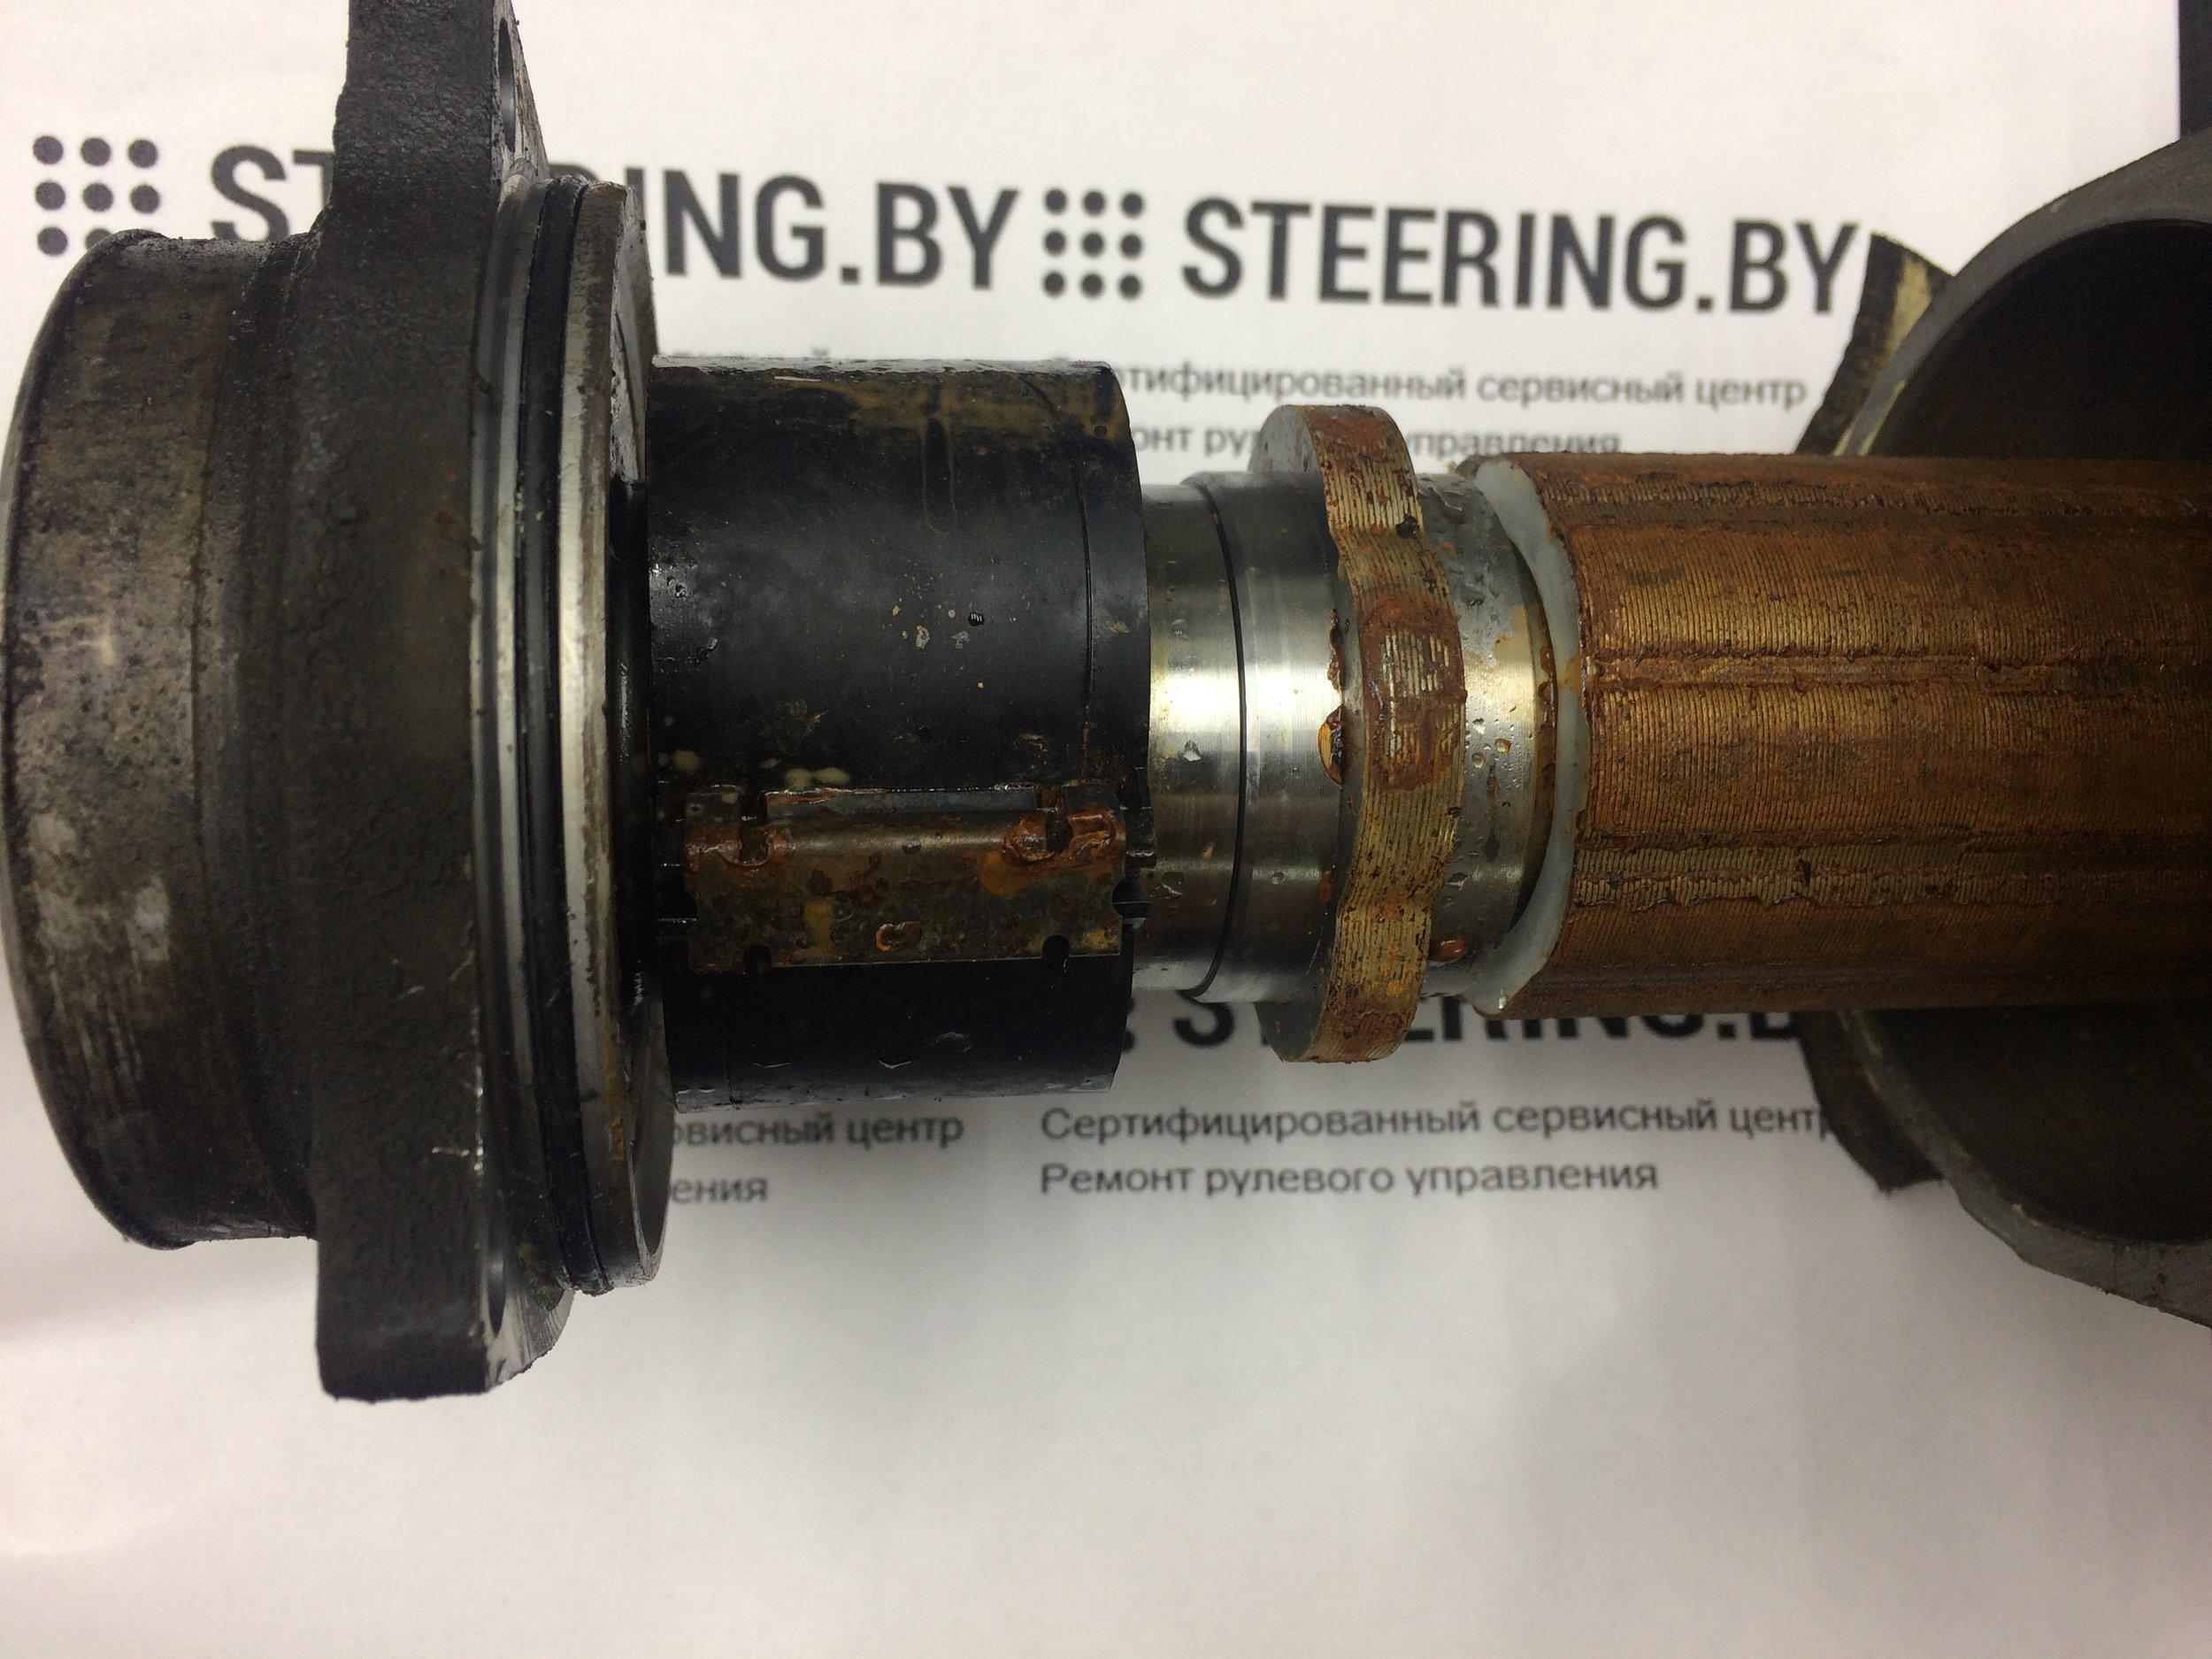 Последствия попадания влаги внутрь рулевого механизма Audi 4G1, 8K1, 8R1.